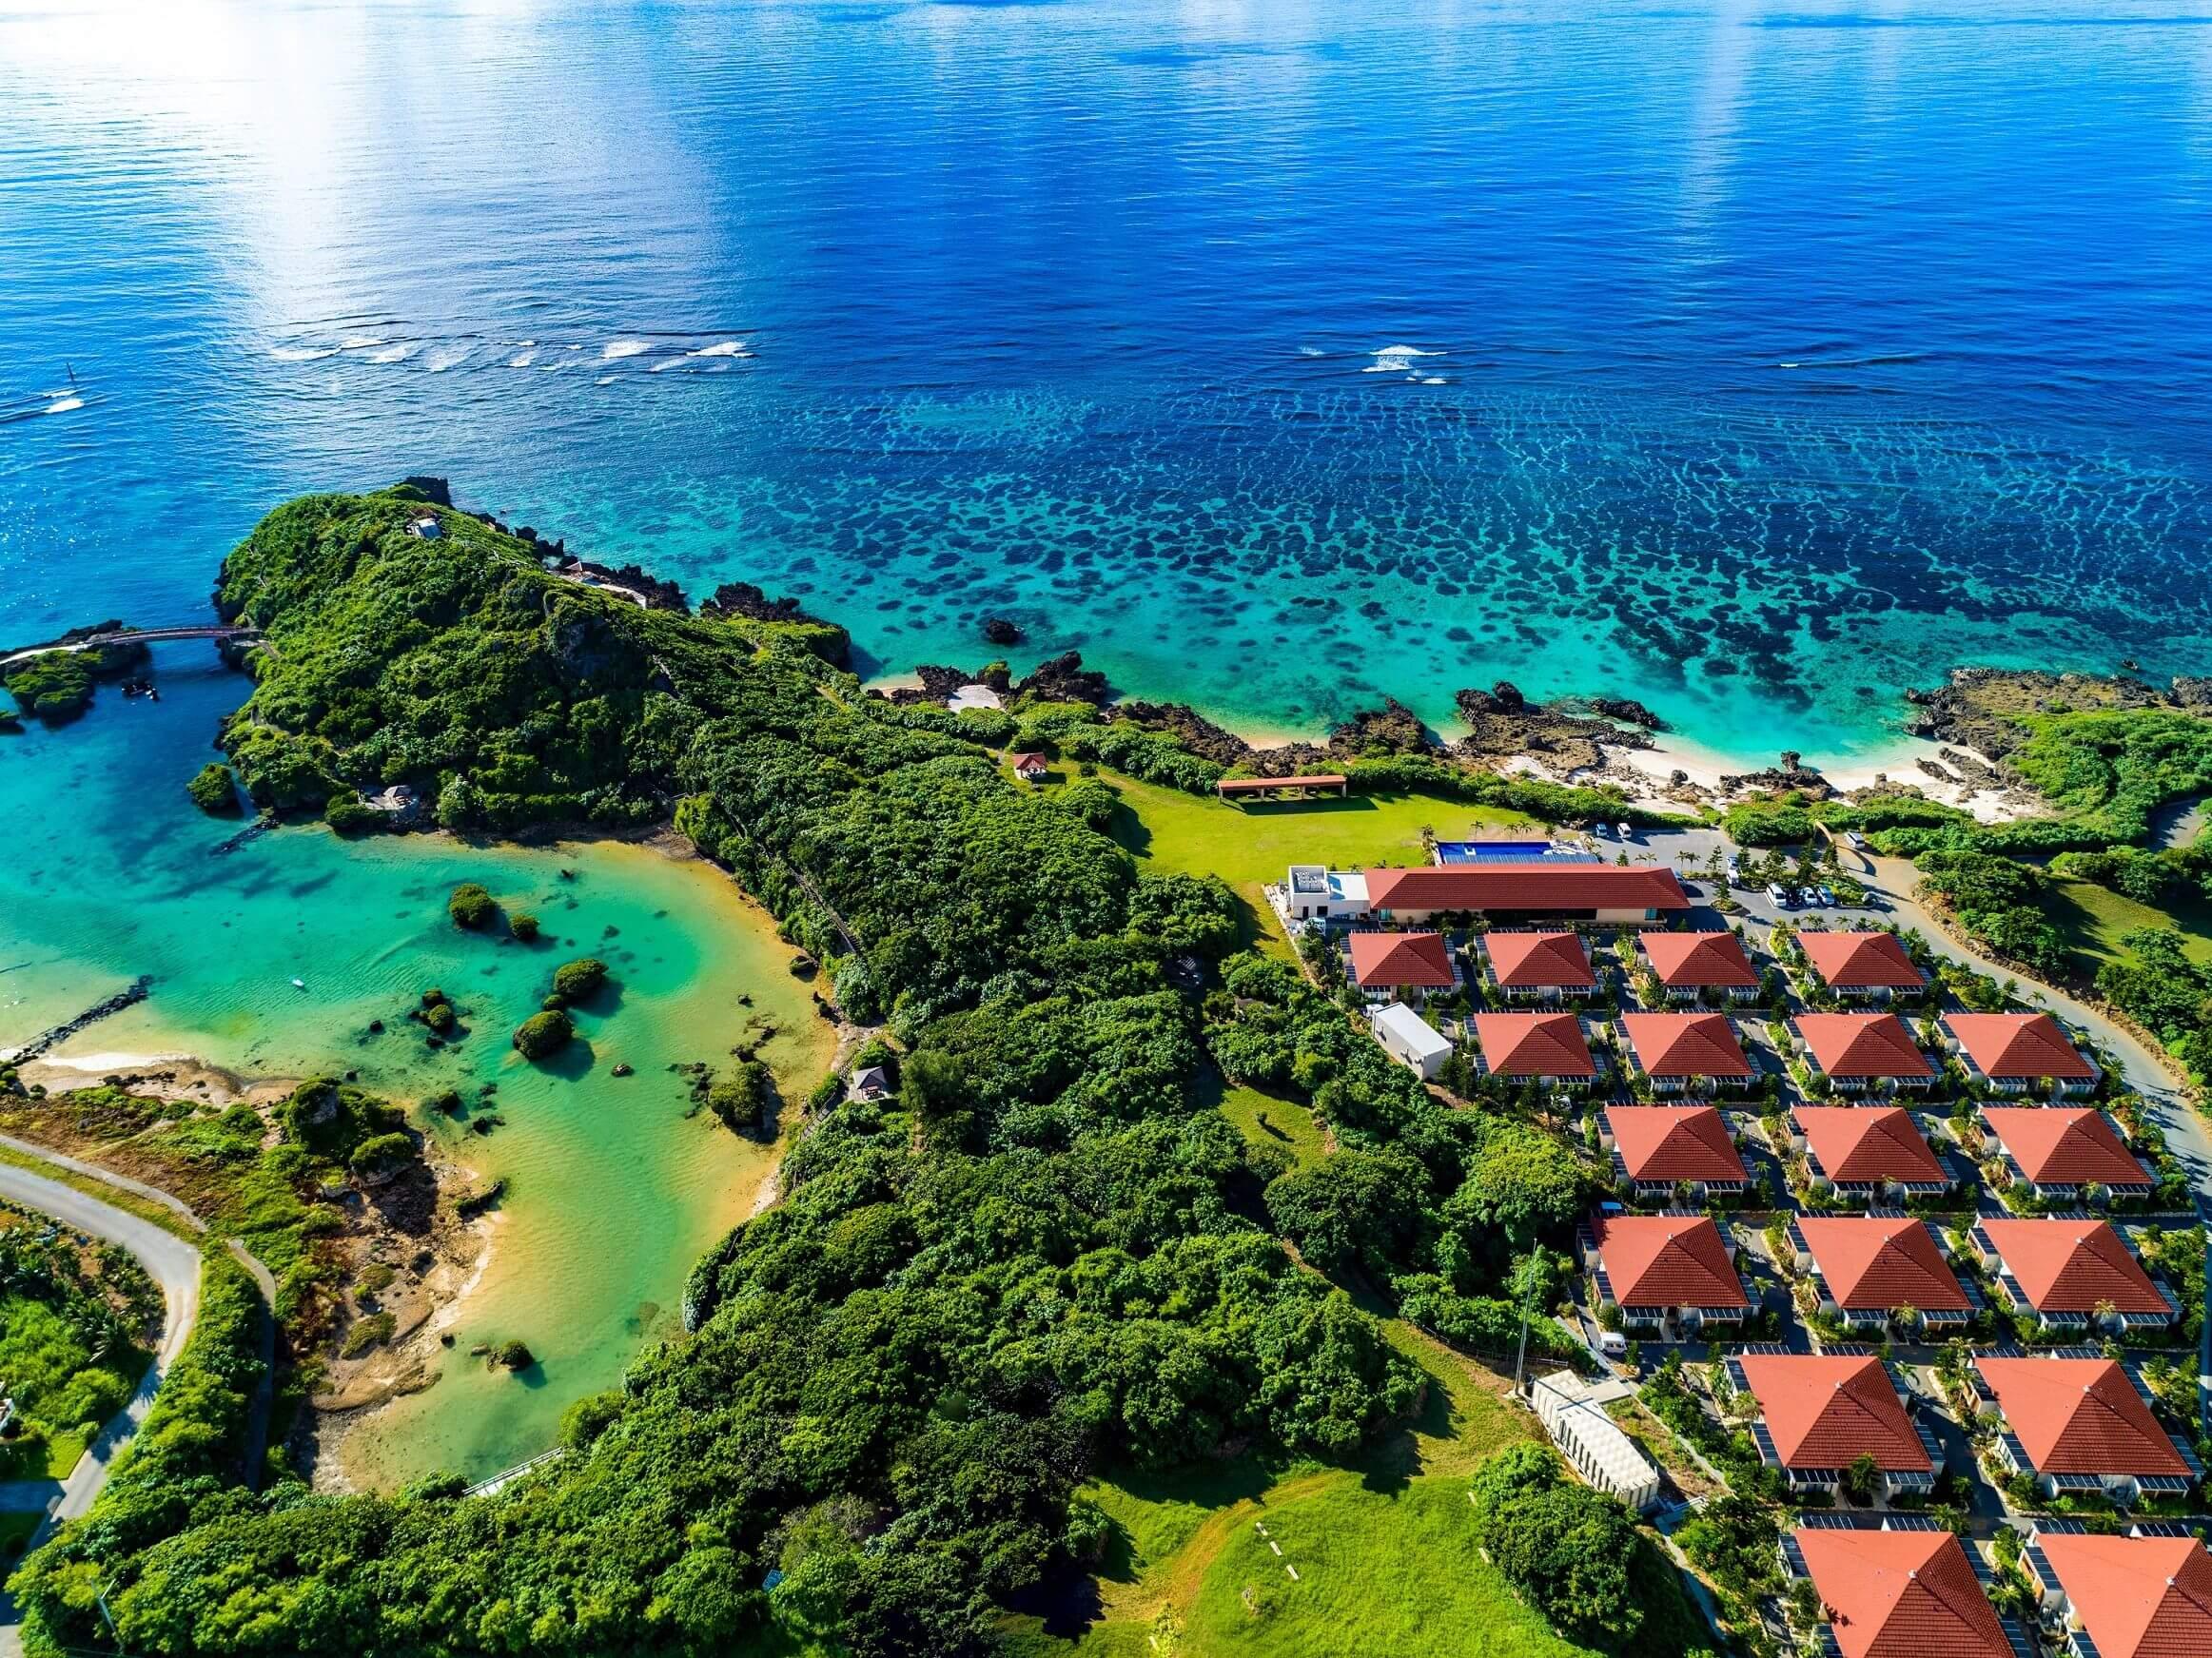 沖繩・宮古島的美麗海洋與絕景!別墅「ALLAMANDA IMGYA珊瑚村」開幕 日本旅行、日本觀光、沖繩、飯店、